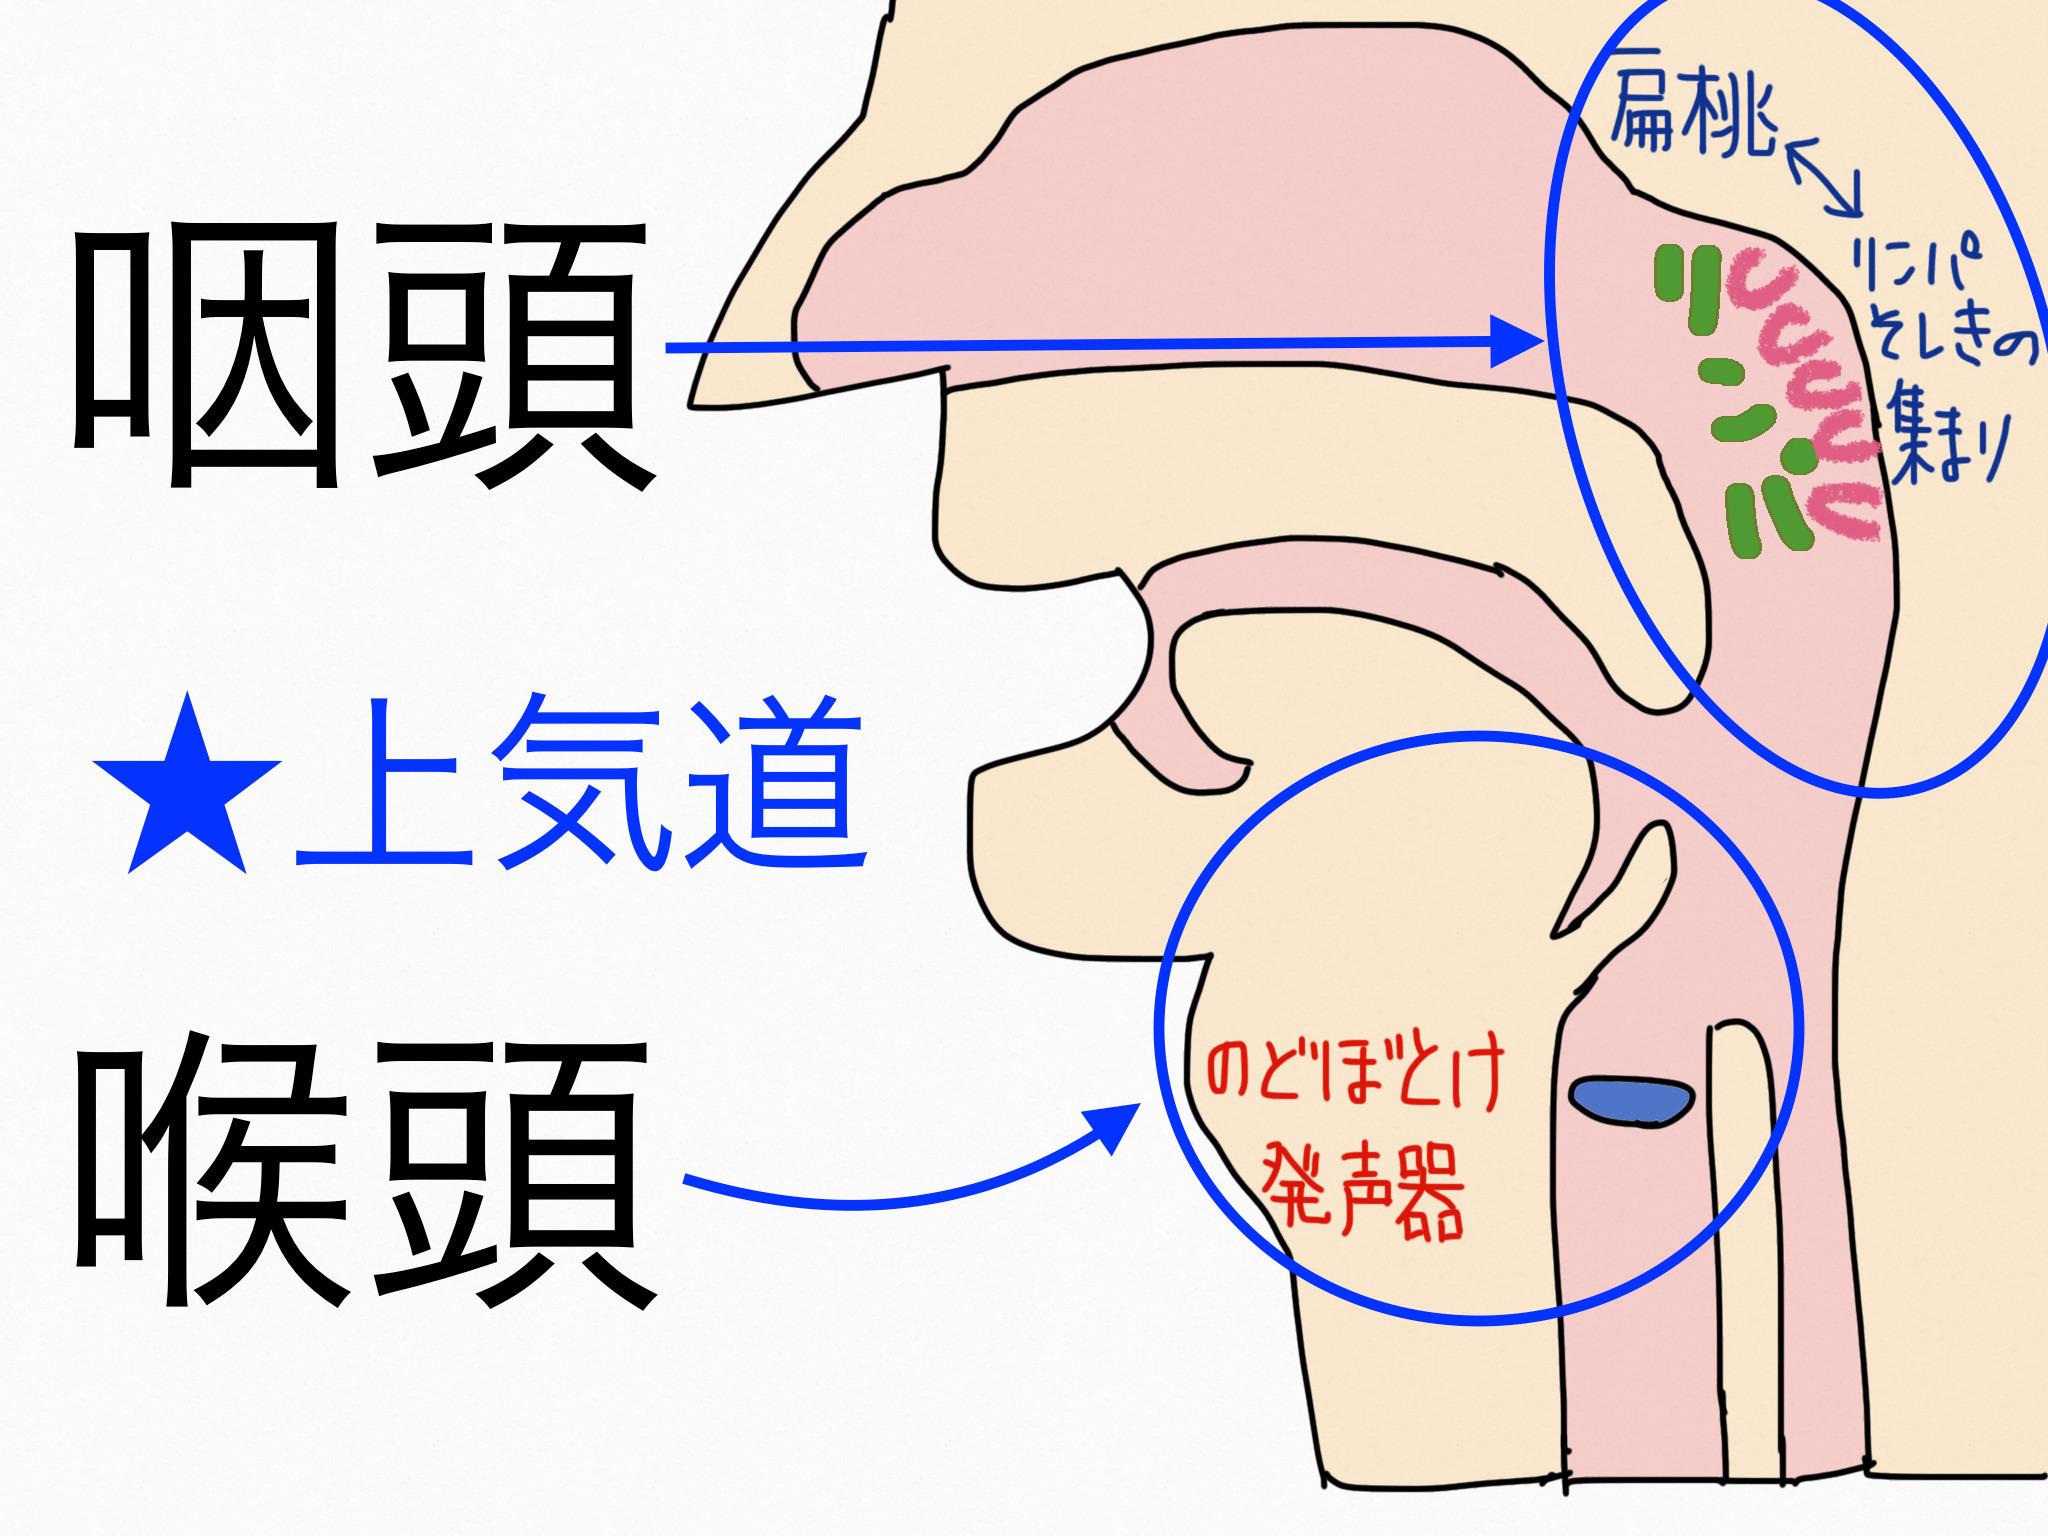 呼吸器系/咽頭・喉頭【第2章の覚え方】